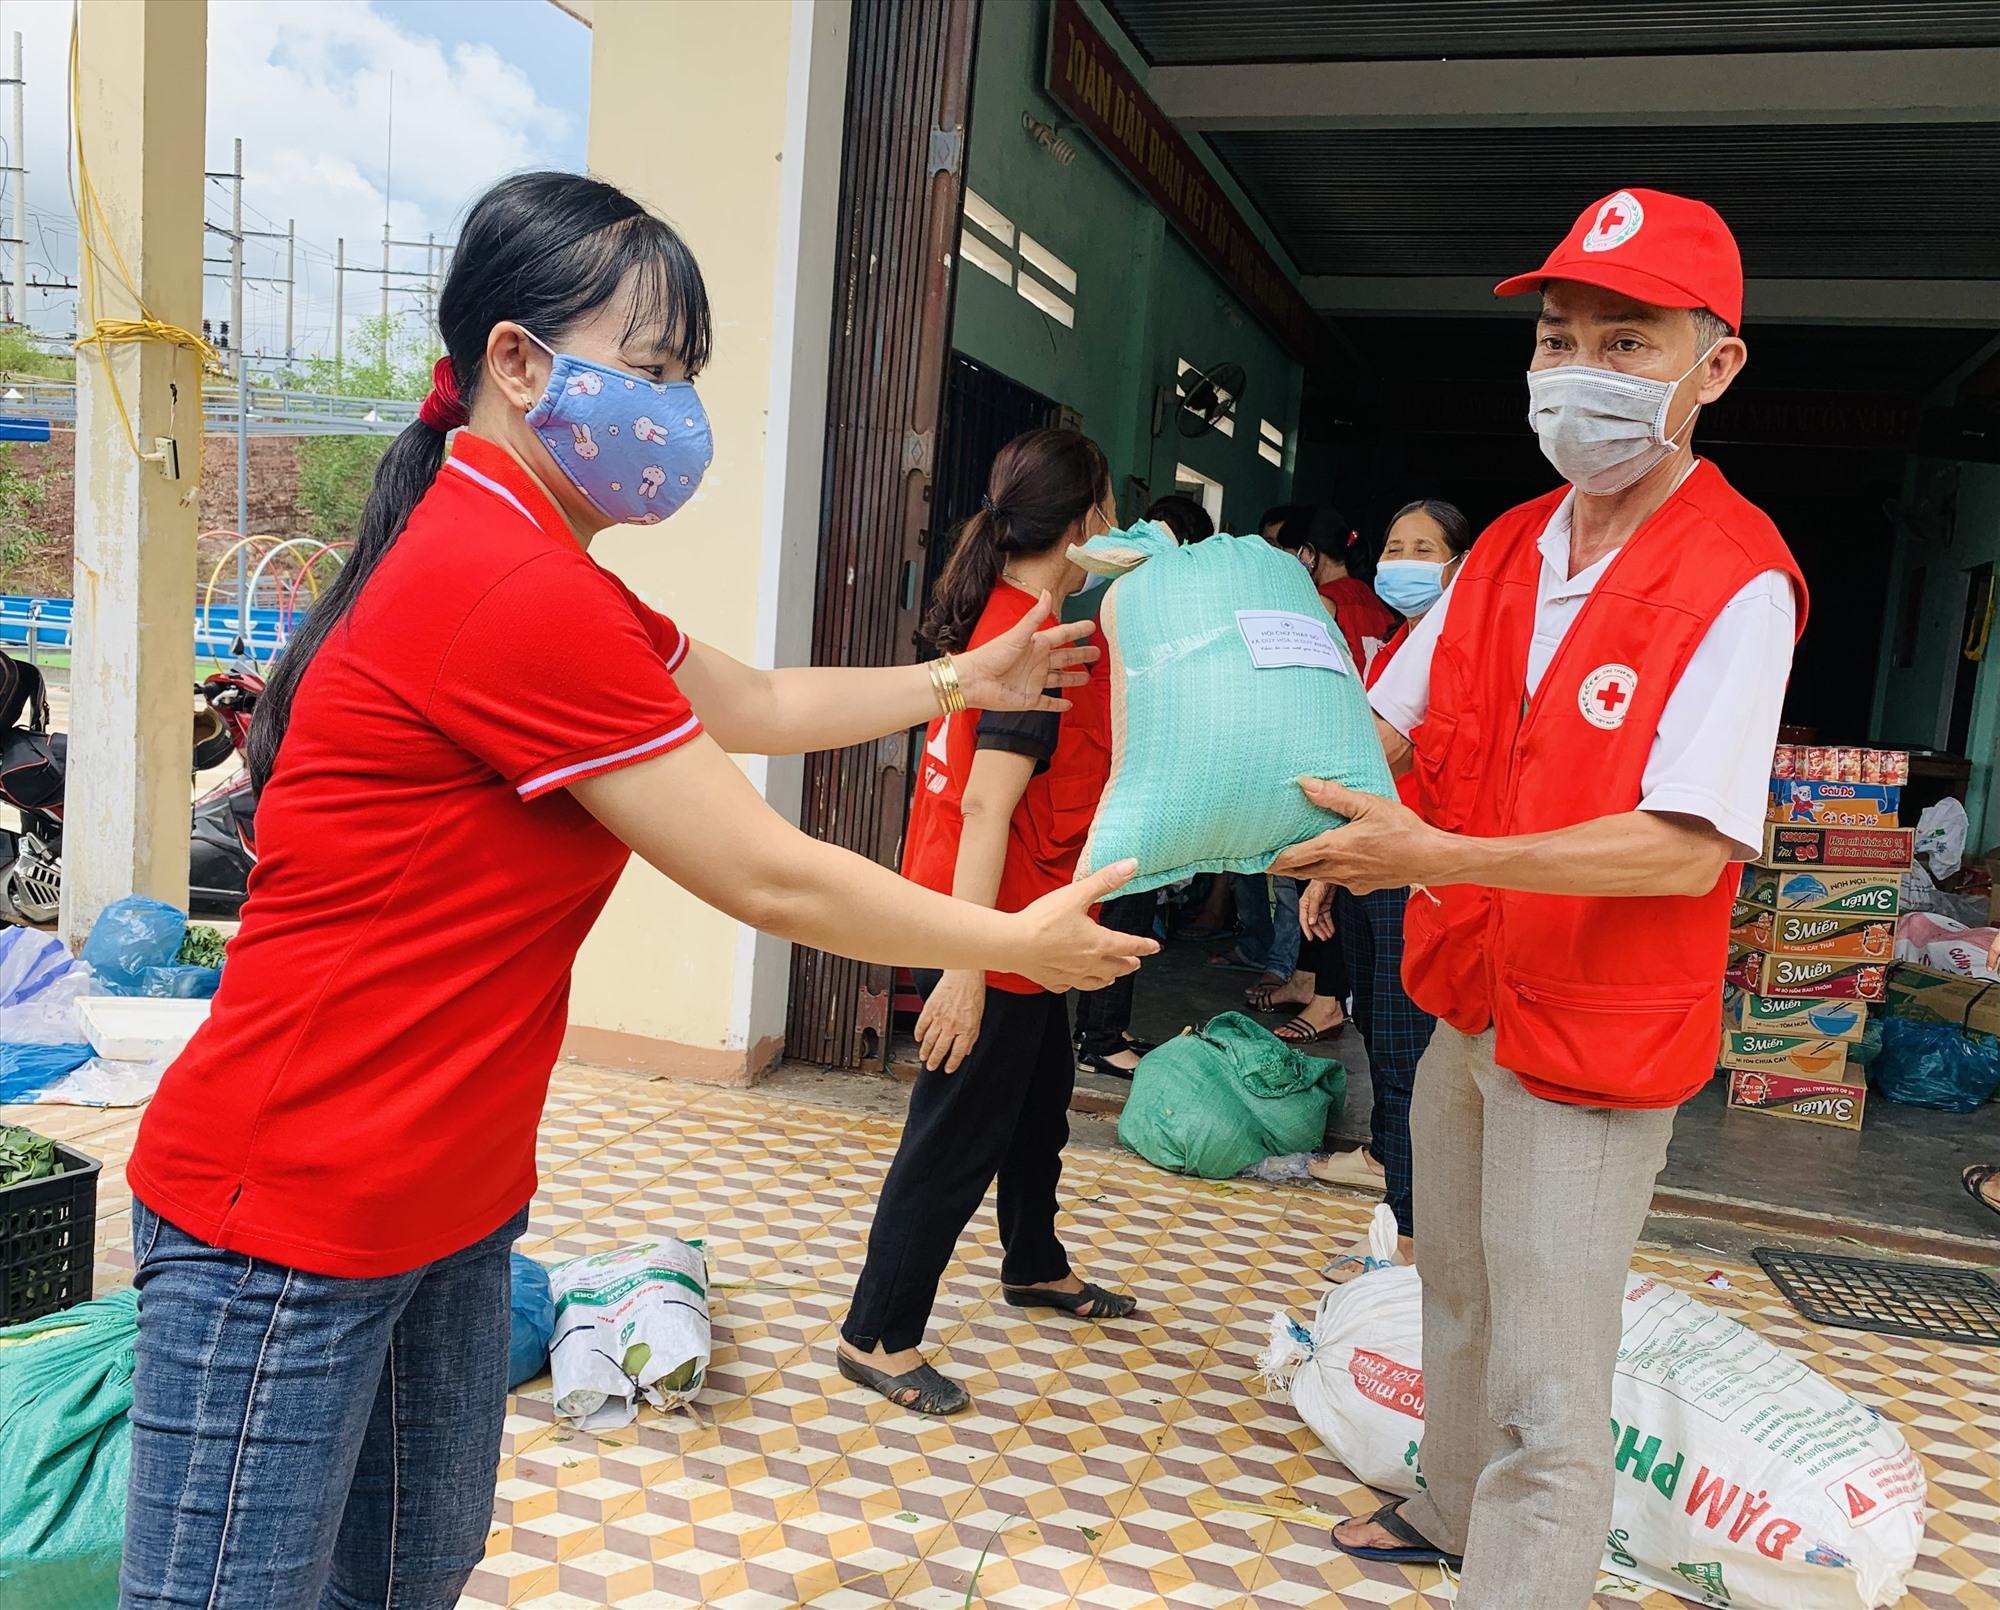 Hội Chữ thập đỏ xã Duy Hòa (Duy Xuyên) tiếp nhận hàng hóa do các tổ chức, cá nhân đóng góp hỗ trợ.     Ảnh: N.P